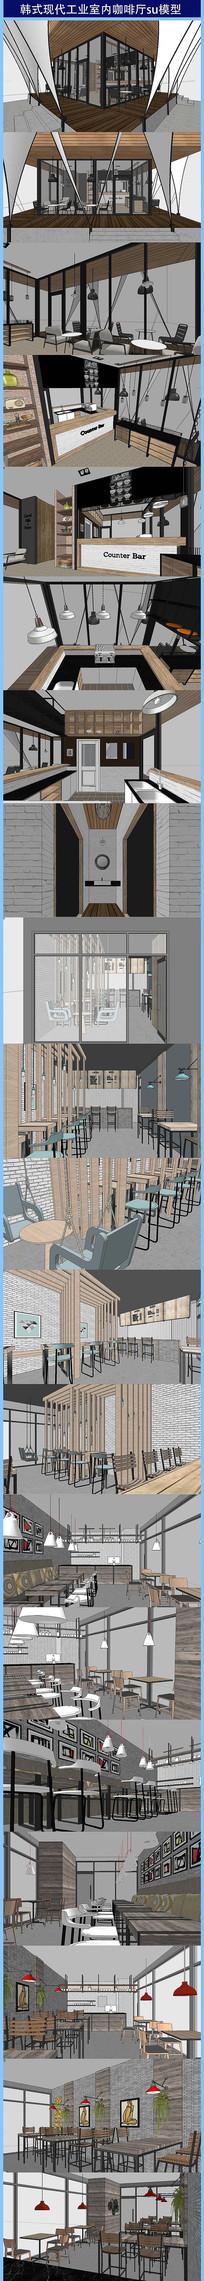 韩式现代工业室内咖啡厅su模型